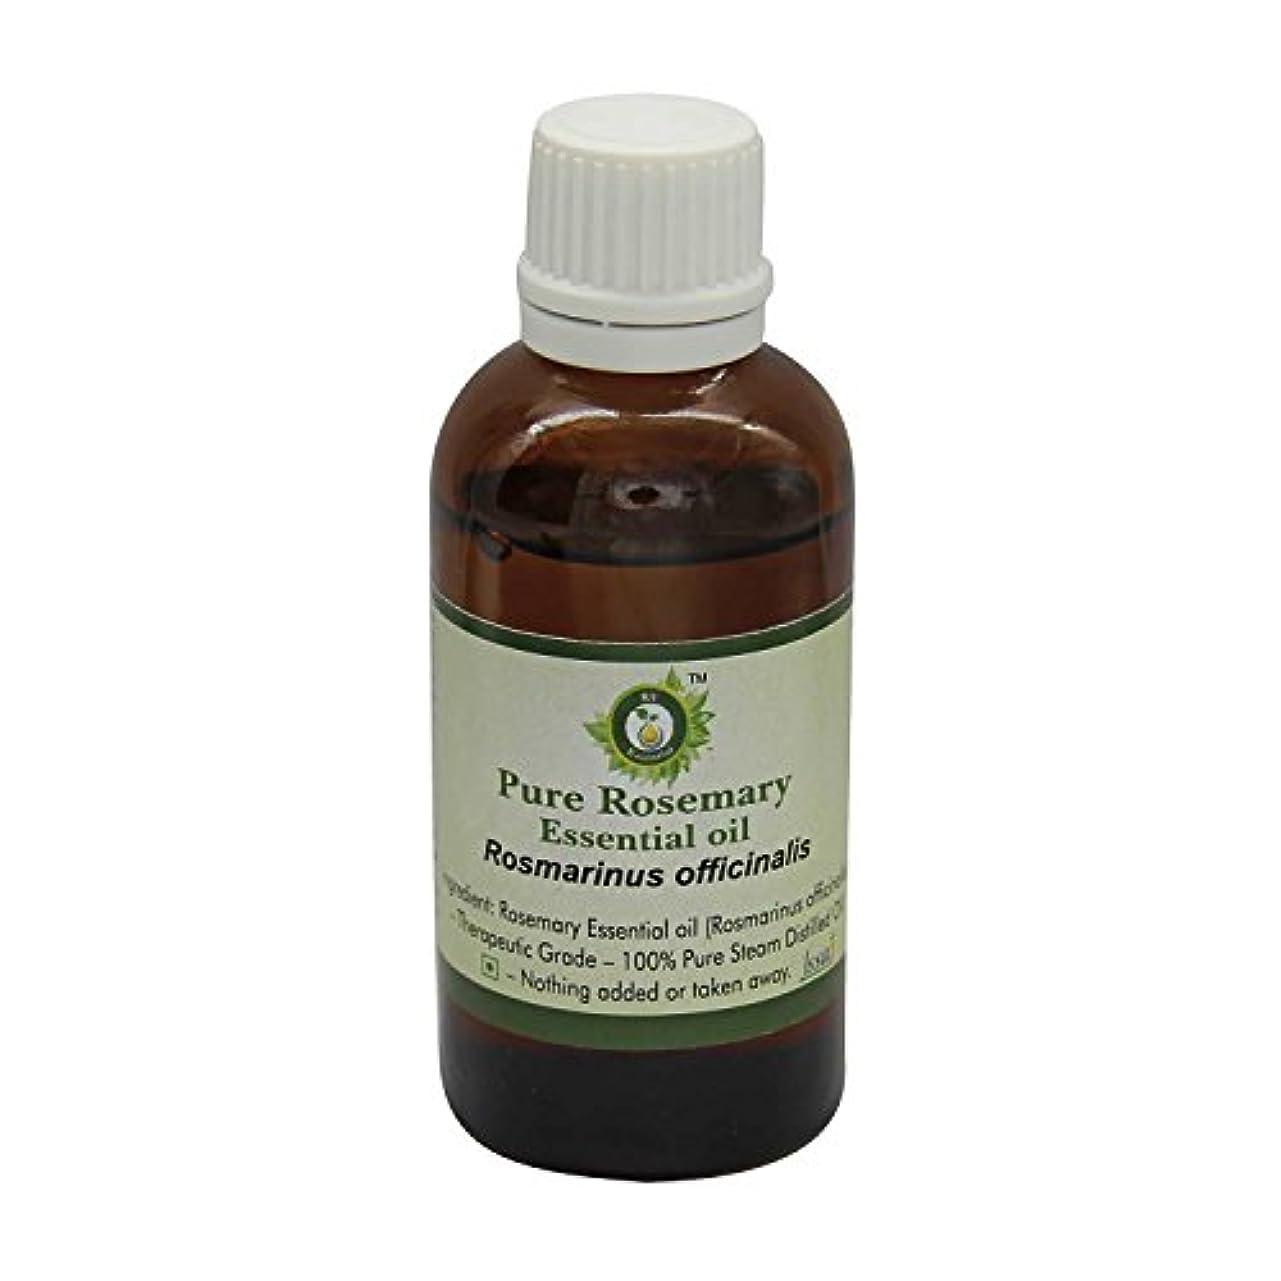 精神医学命題レビューR V Essential ピュアローズマリーエッセンシャルオイル30ml (1.01oz)- Rosmarinus Officinalis (100%純粋&天然スチームDistilled) Pure Rosemary...